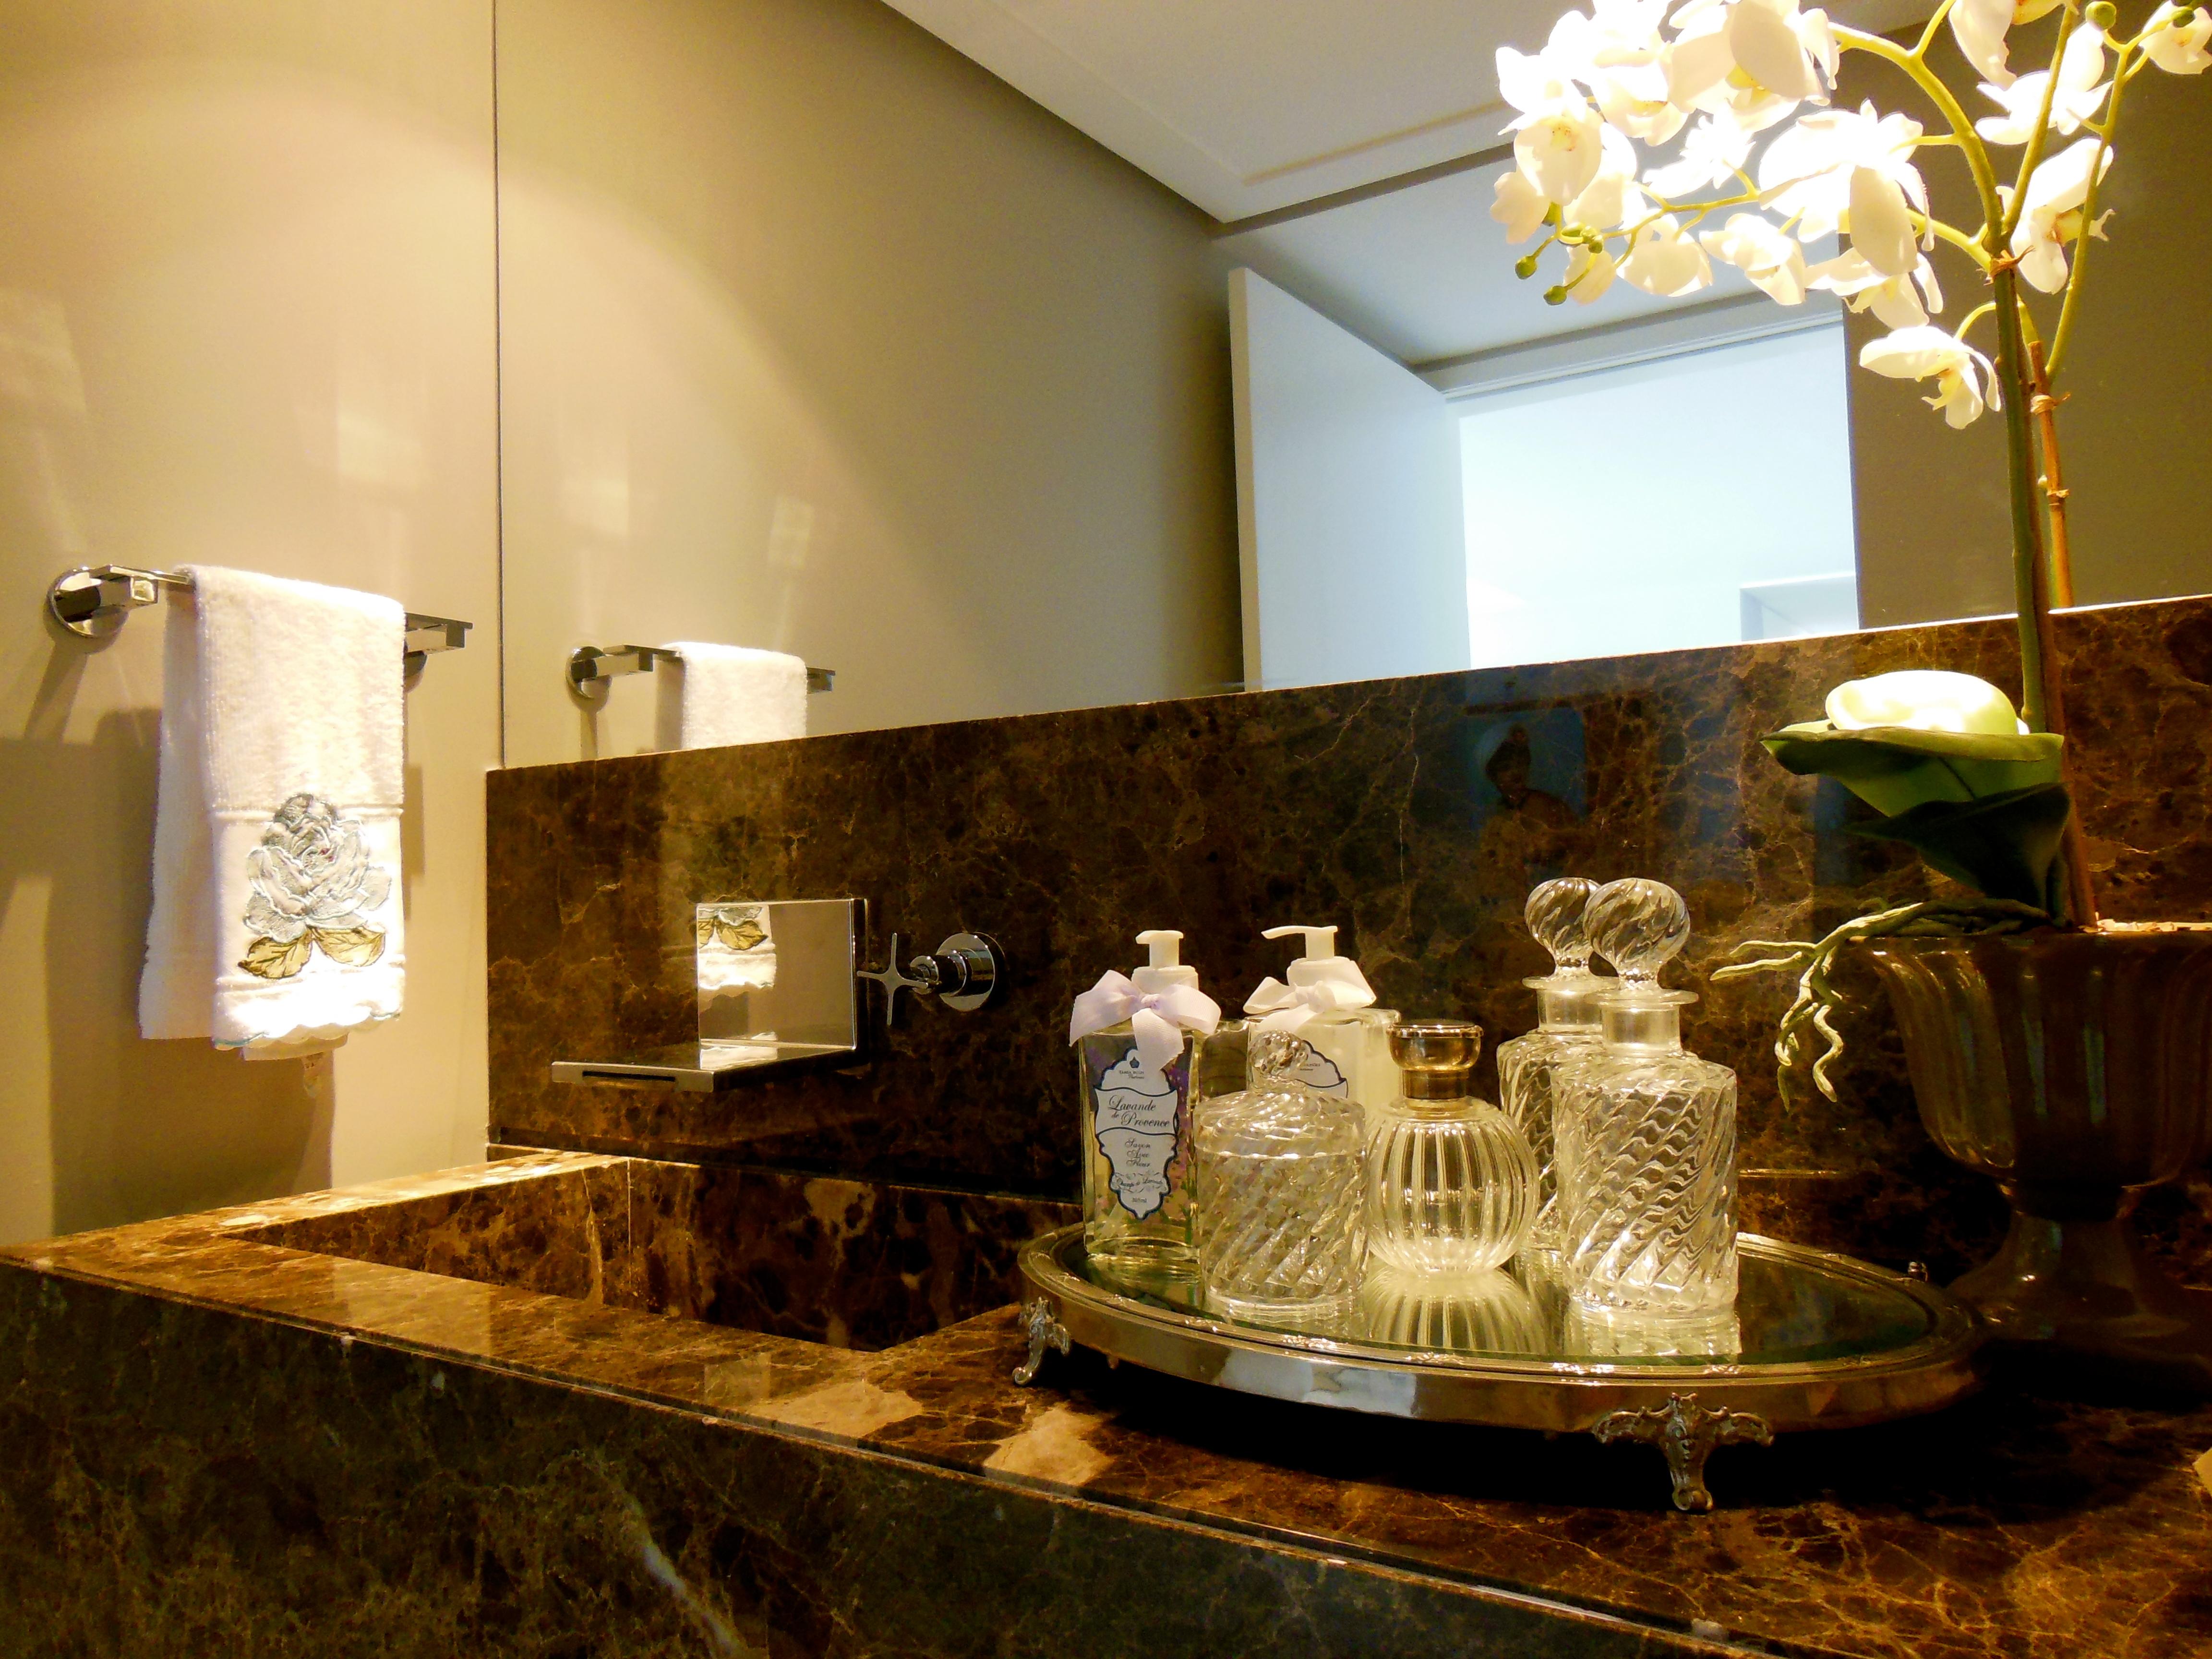 decoracao de lavabos antigos:Perfumeiros antigos flores e uma linda  #281503 4608x3456 Banheiro Antigo Decoração